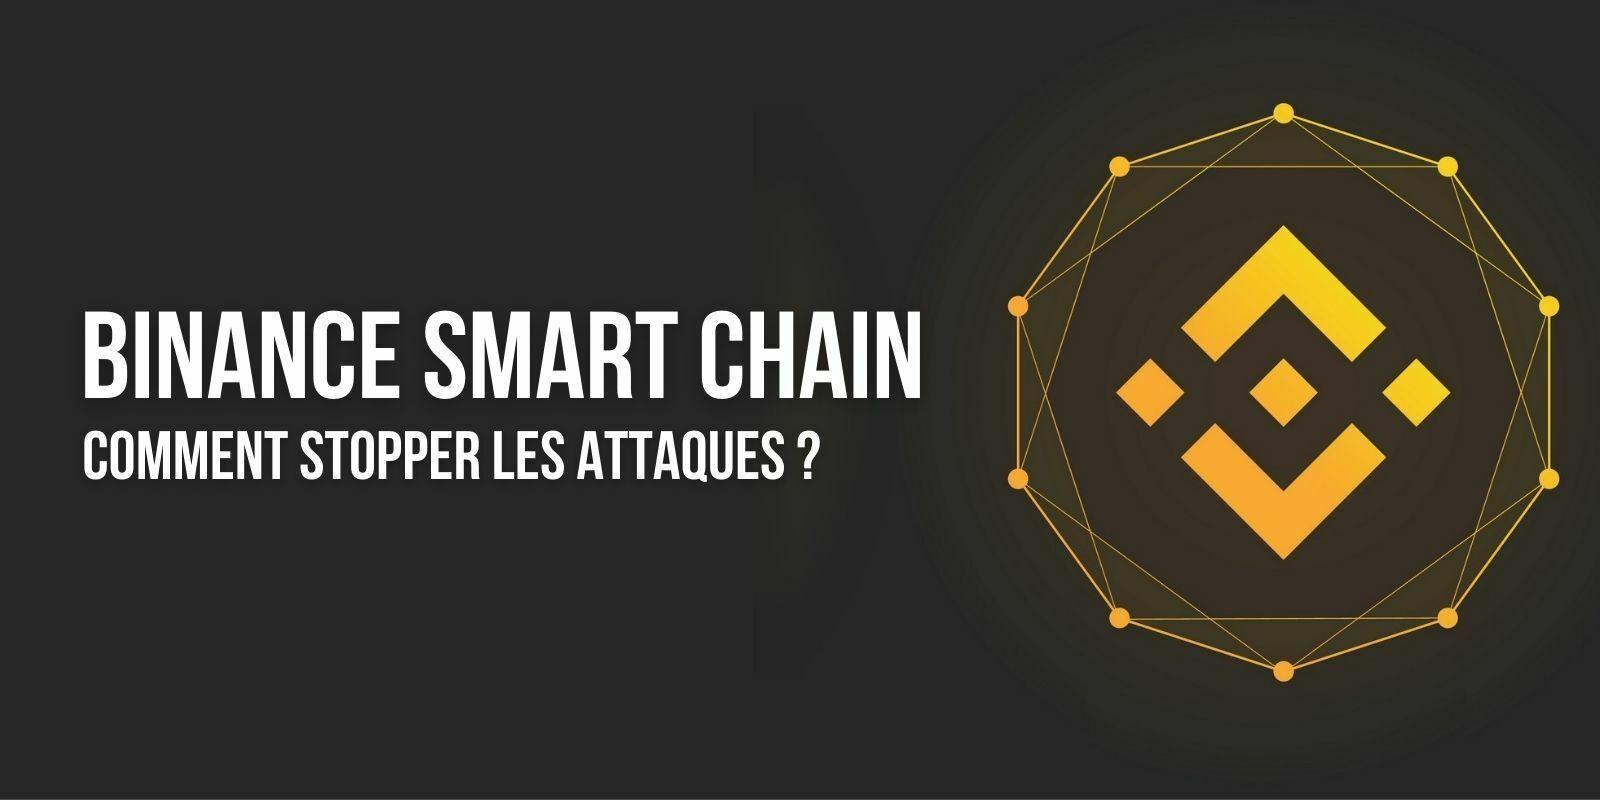 La Binance Smart Chain tente de trouver des solutions aux attaques récentes